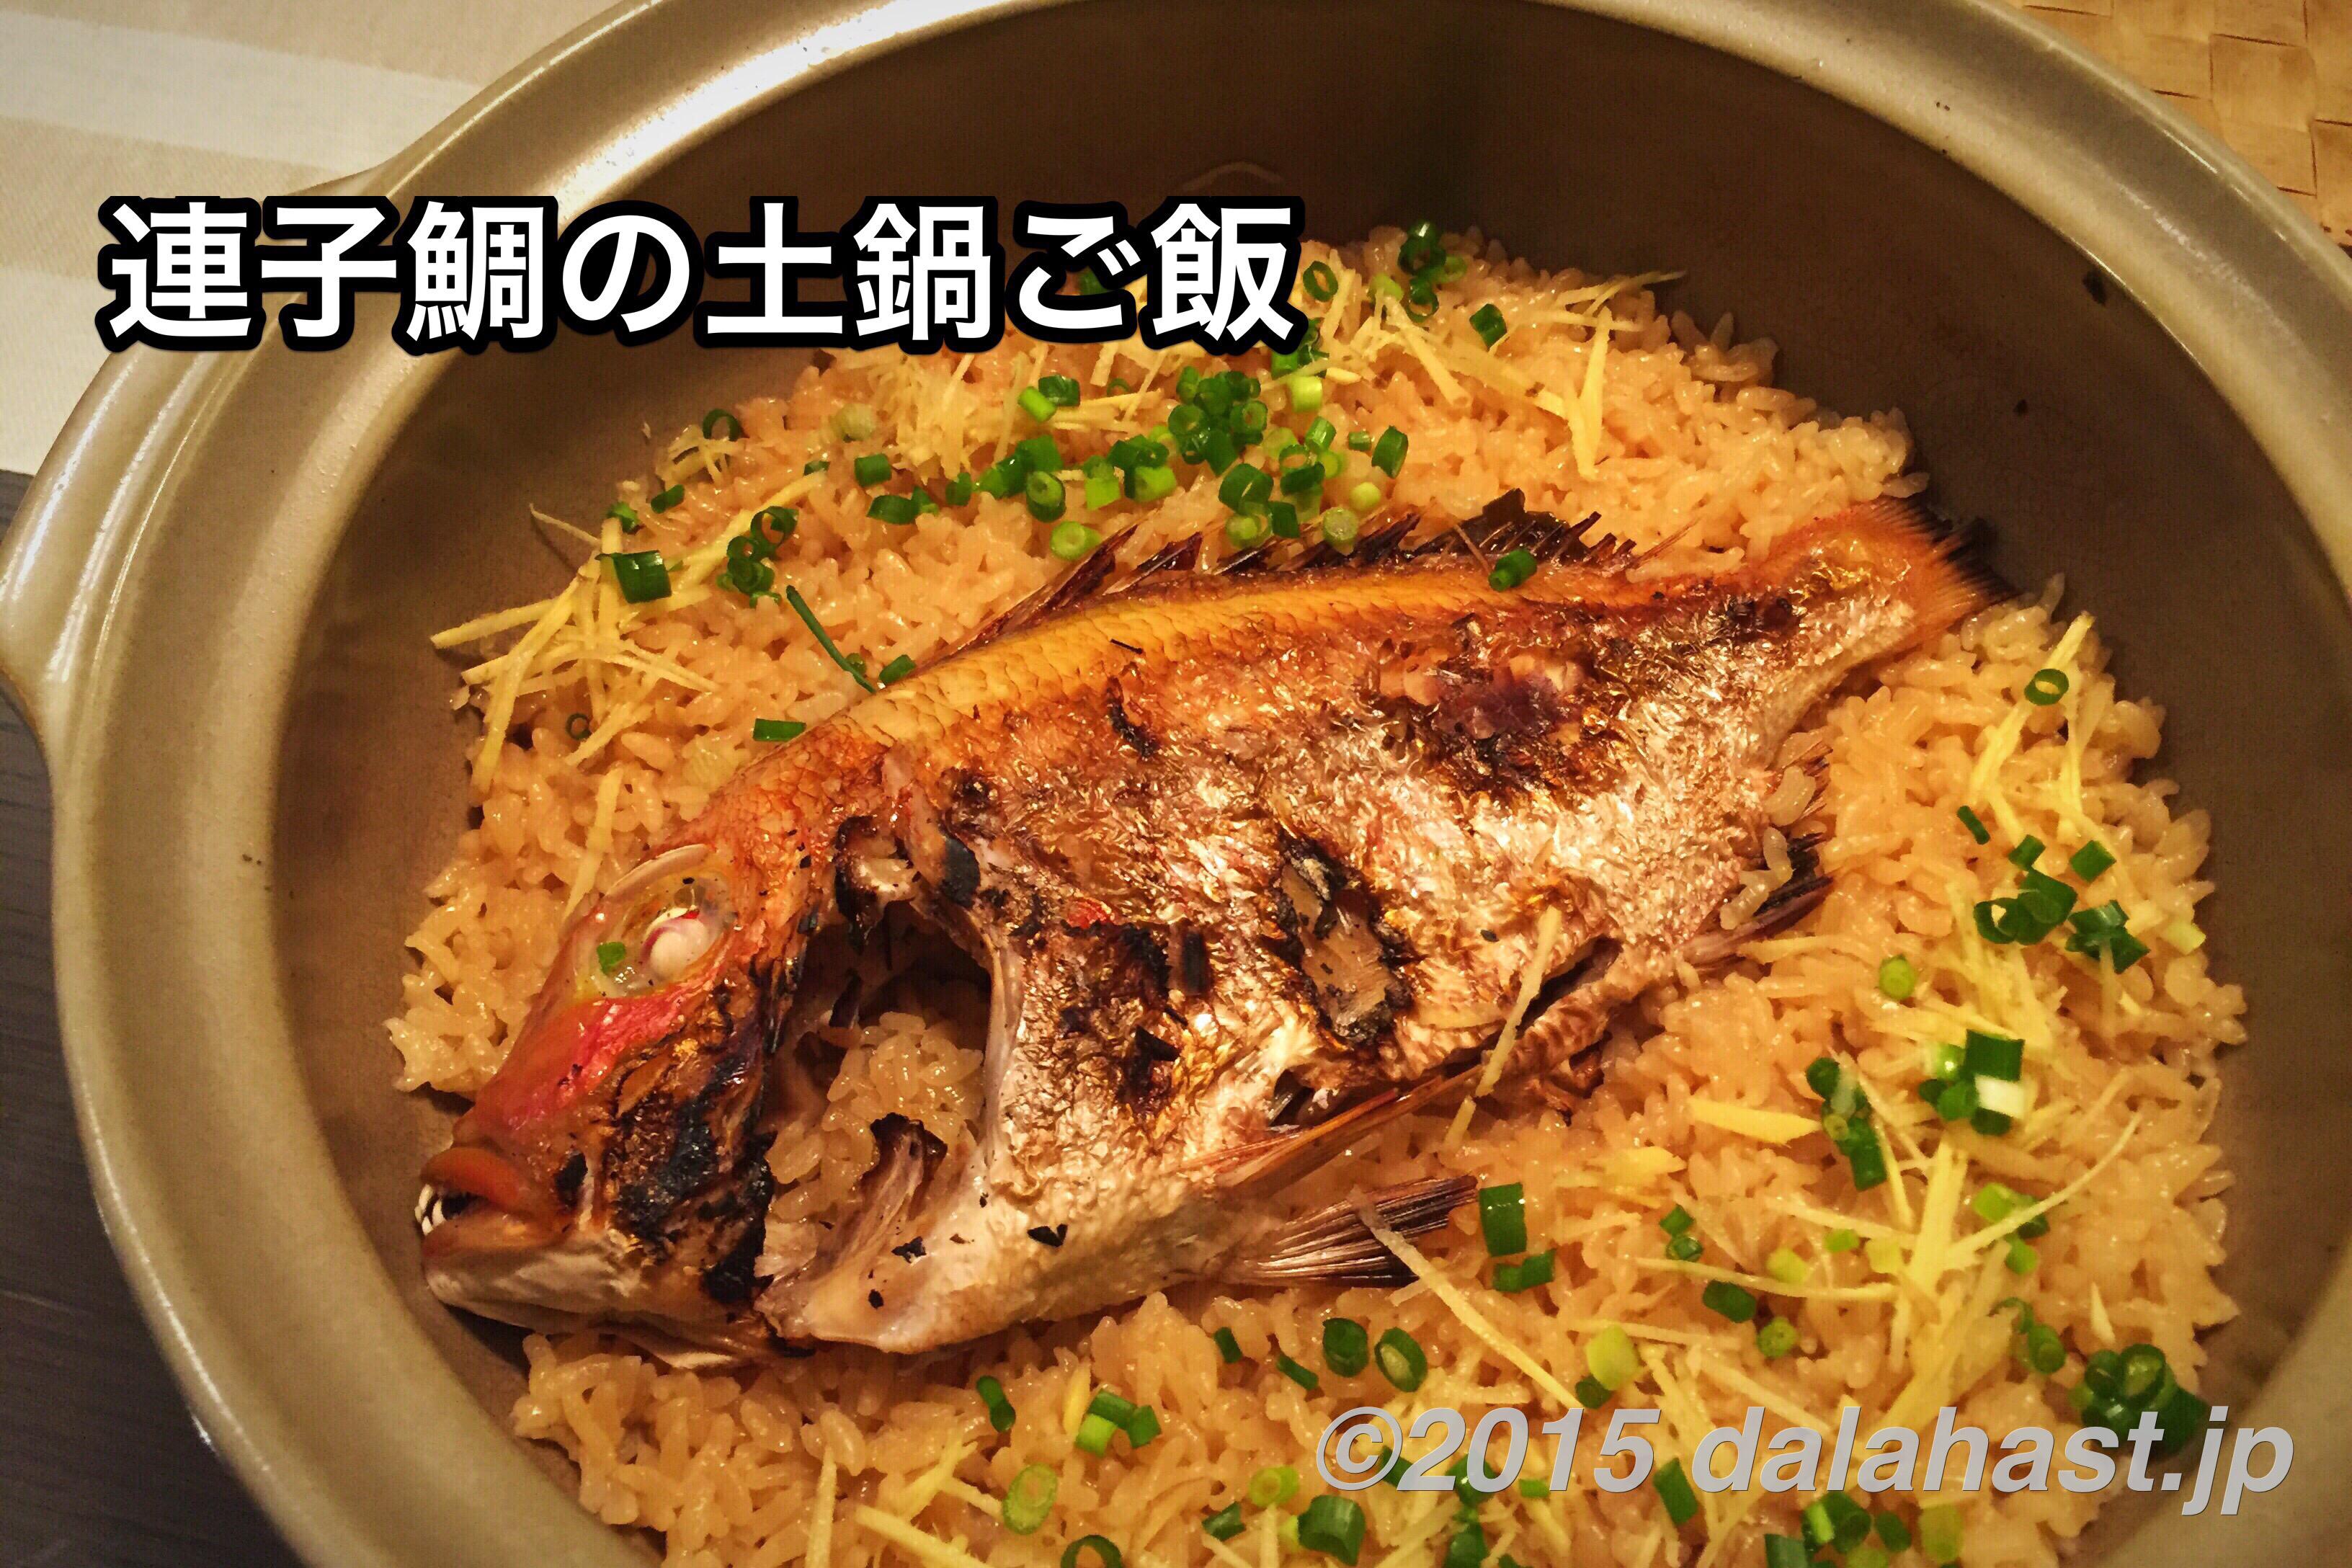 連子鯛の土鍋飯 ふっくらもちもちご飯にあう定番の味